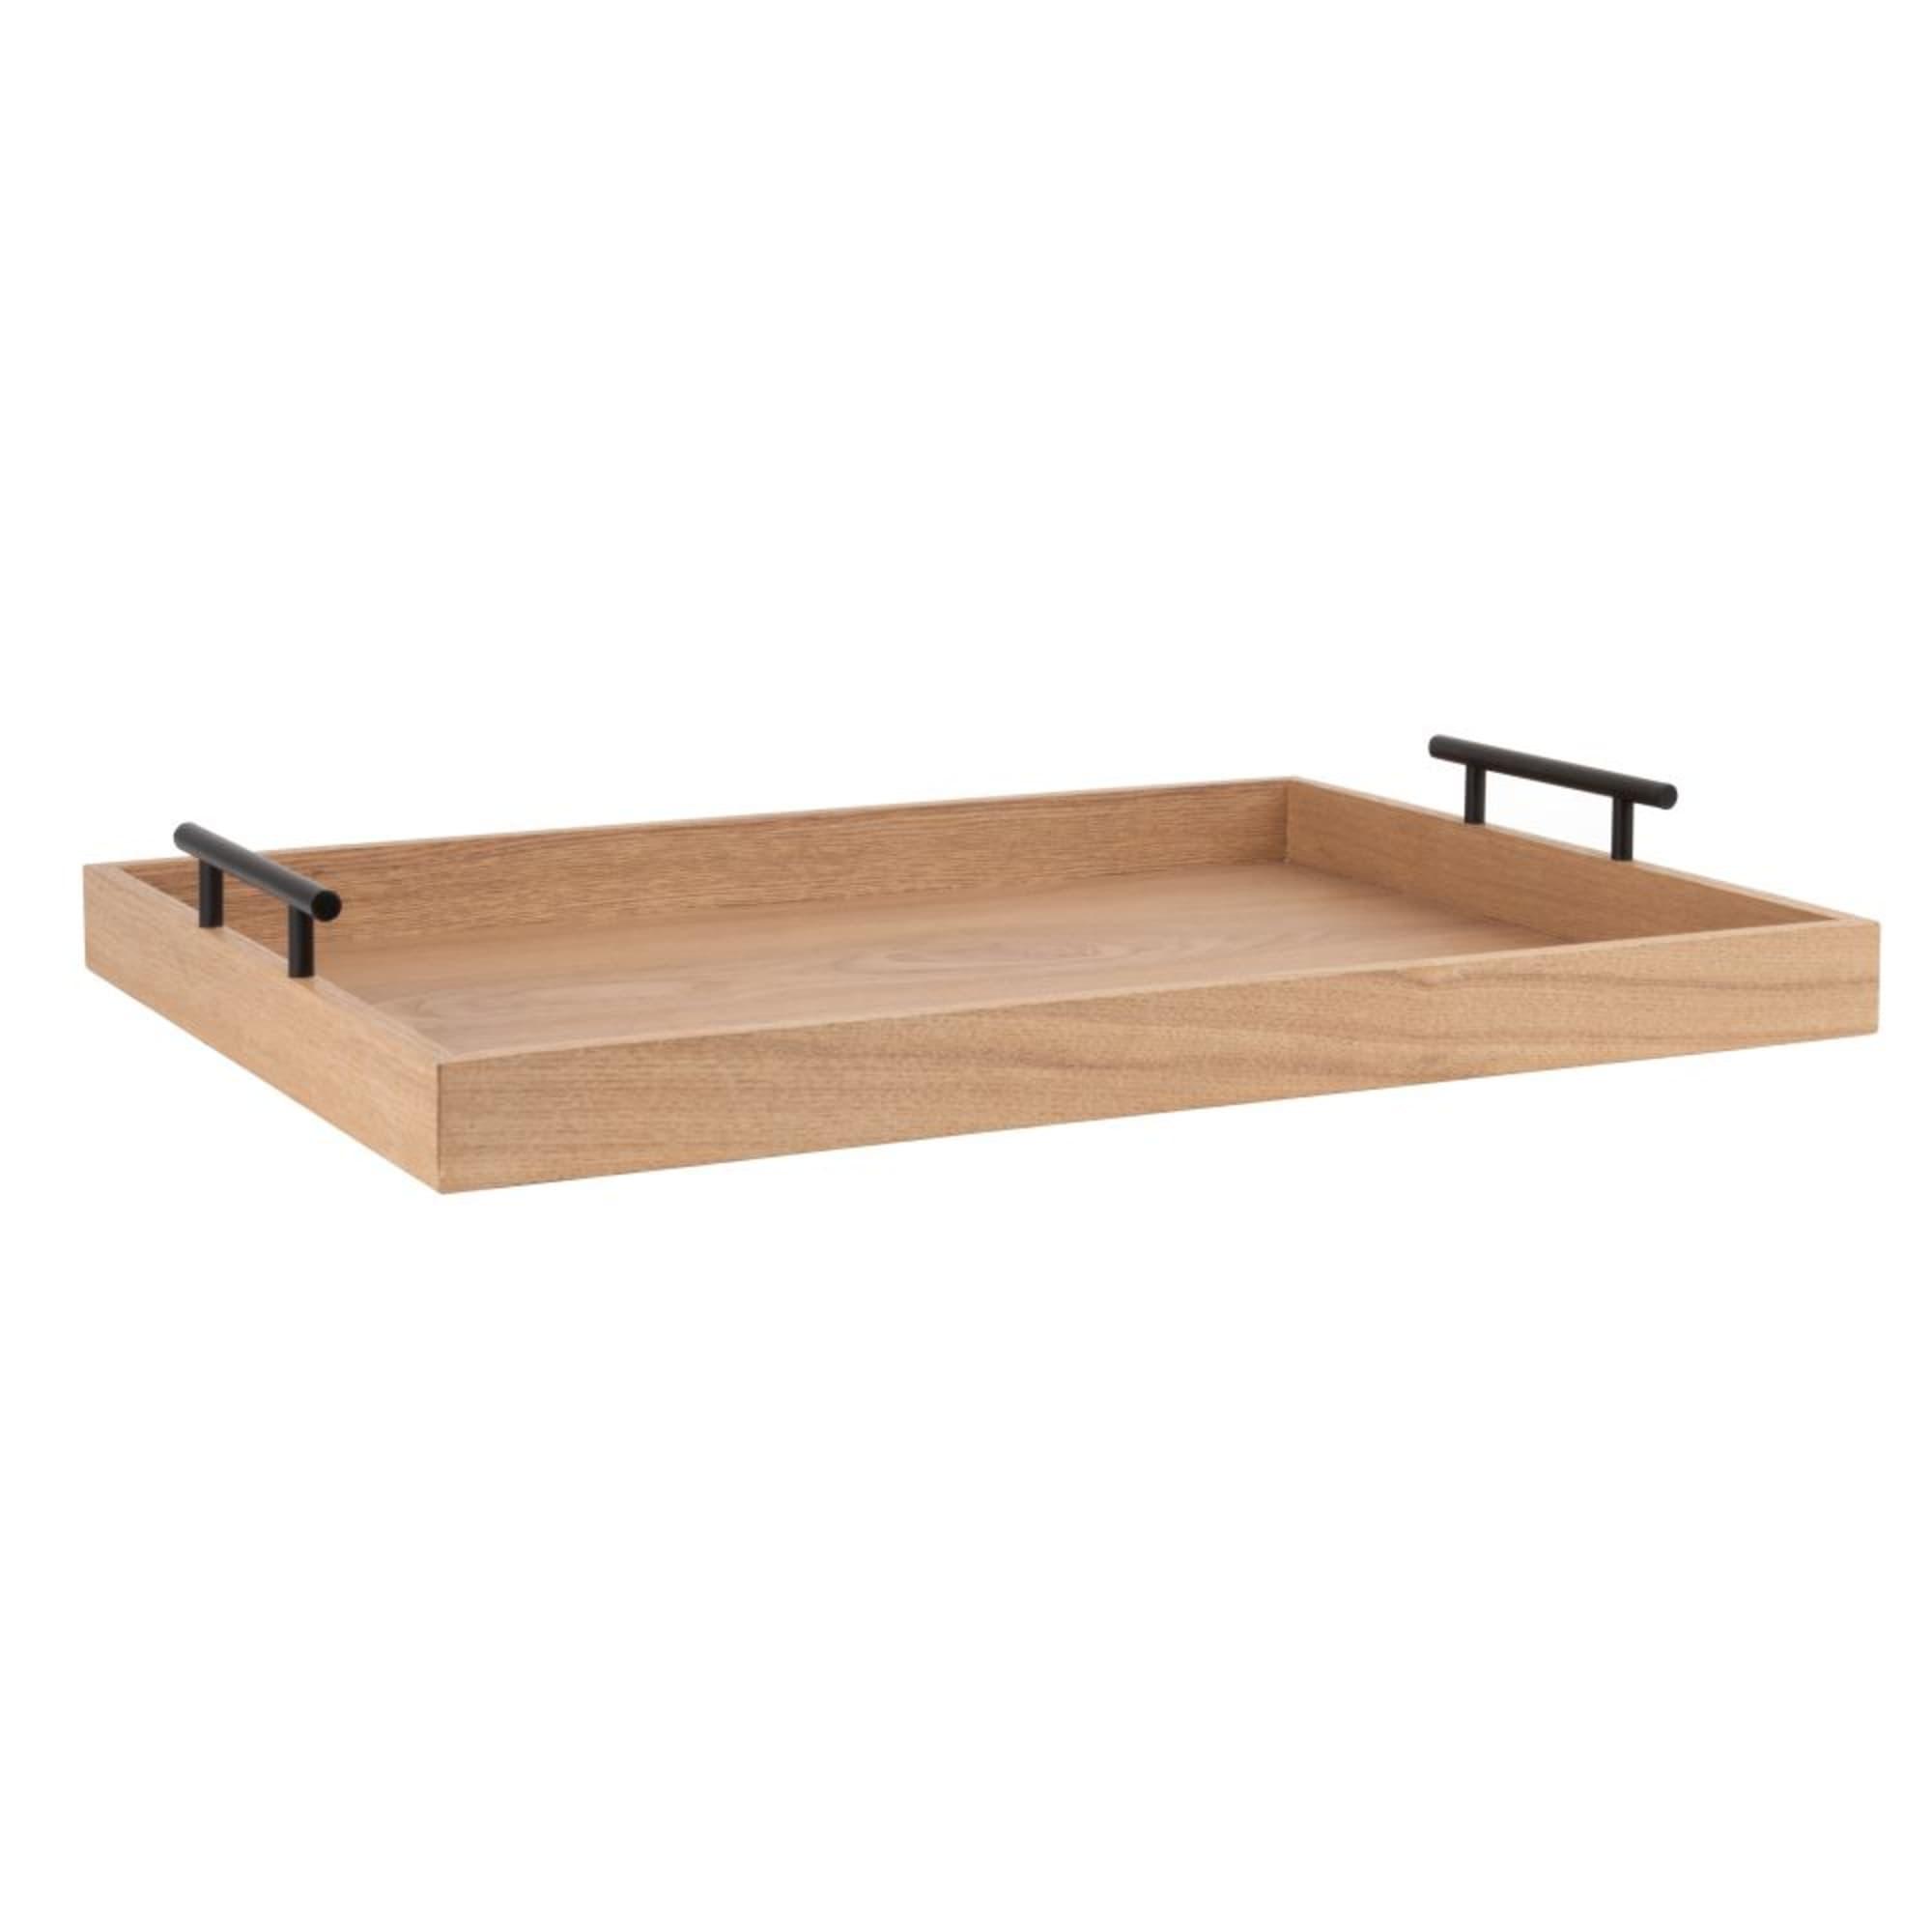 Bandeja de madera de nogal con asas metálicas